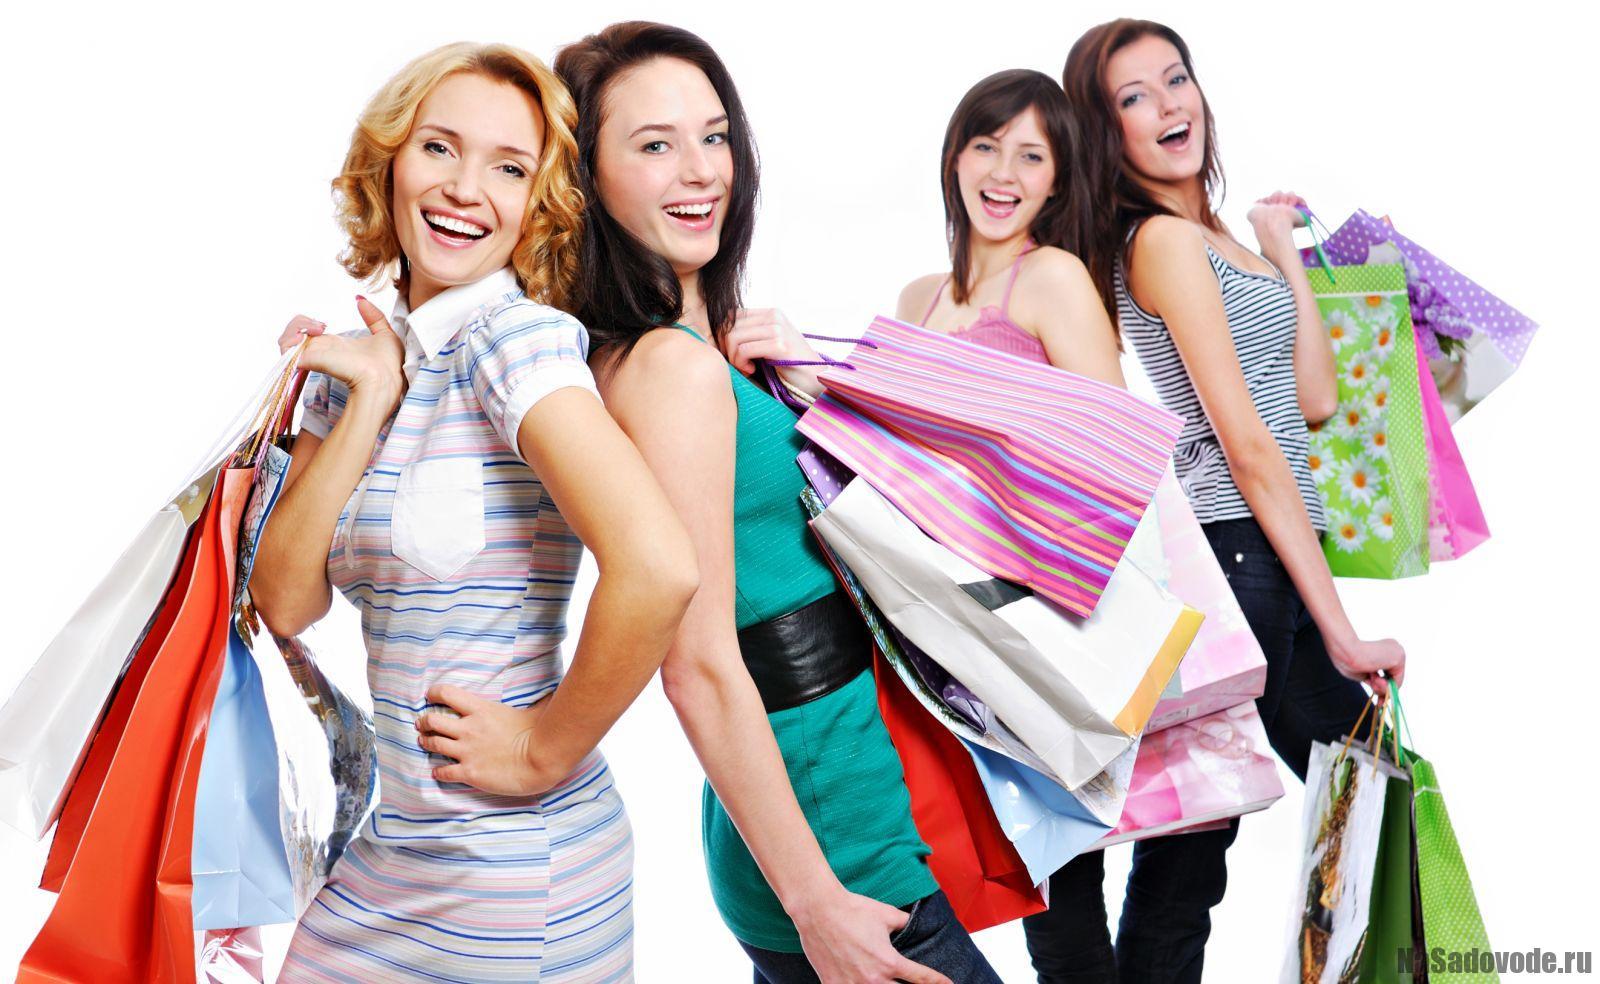 Одежда женская на Садоводе